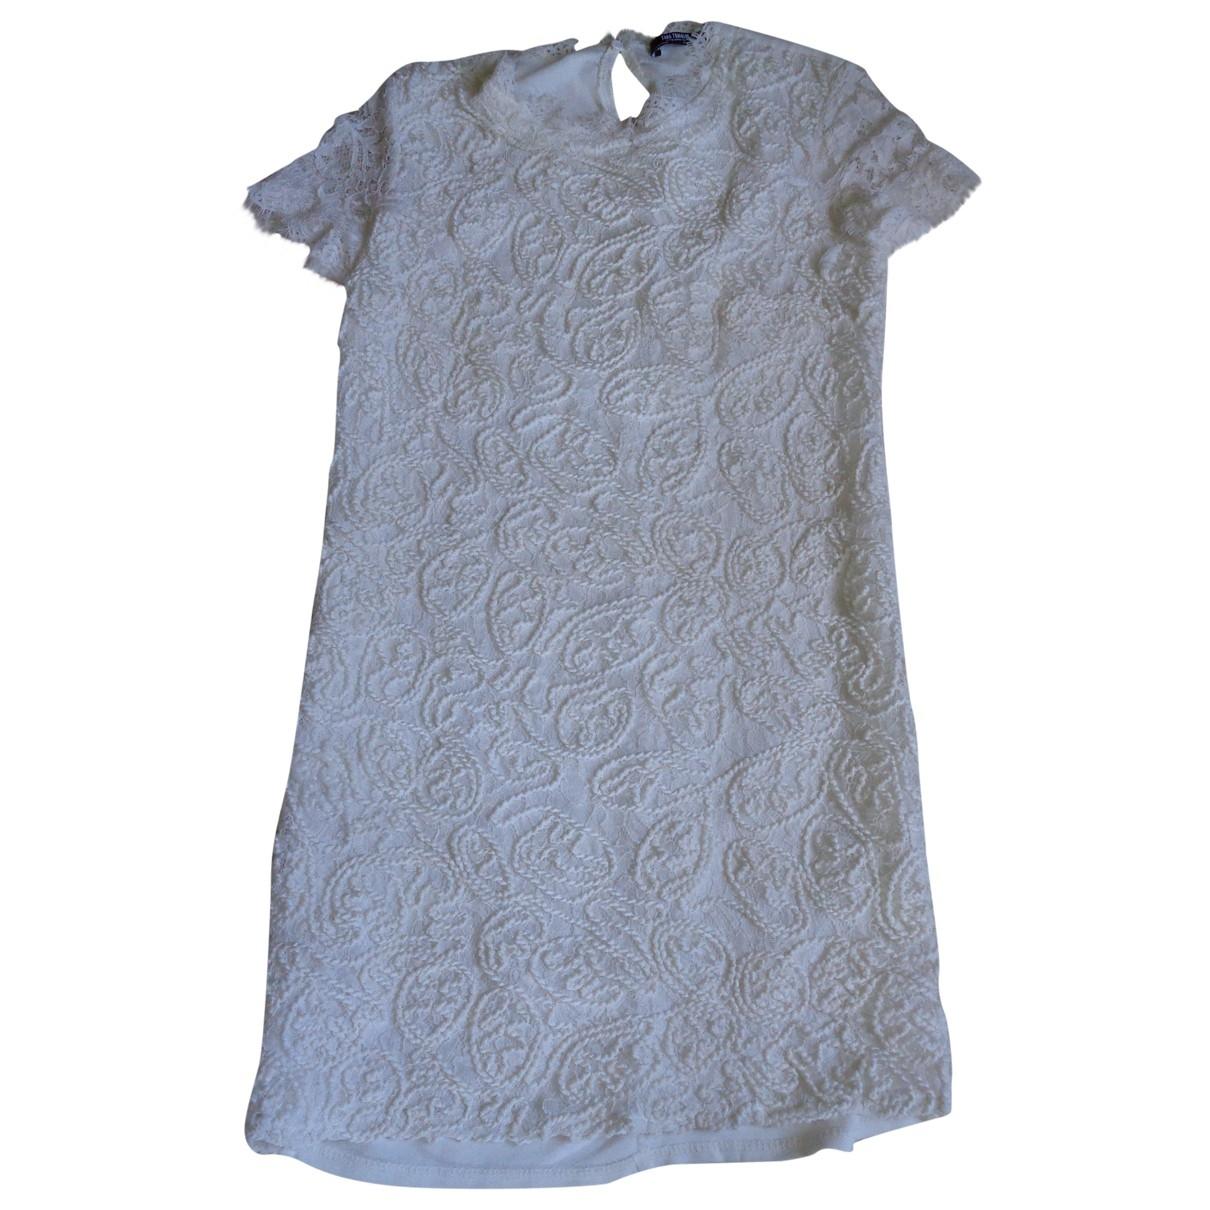 Zara \N Ecru Lace dress for Women S International